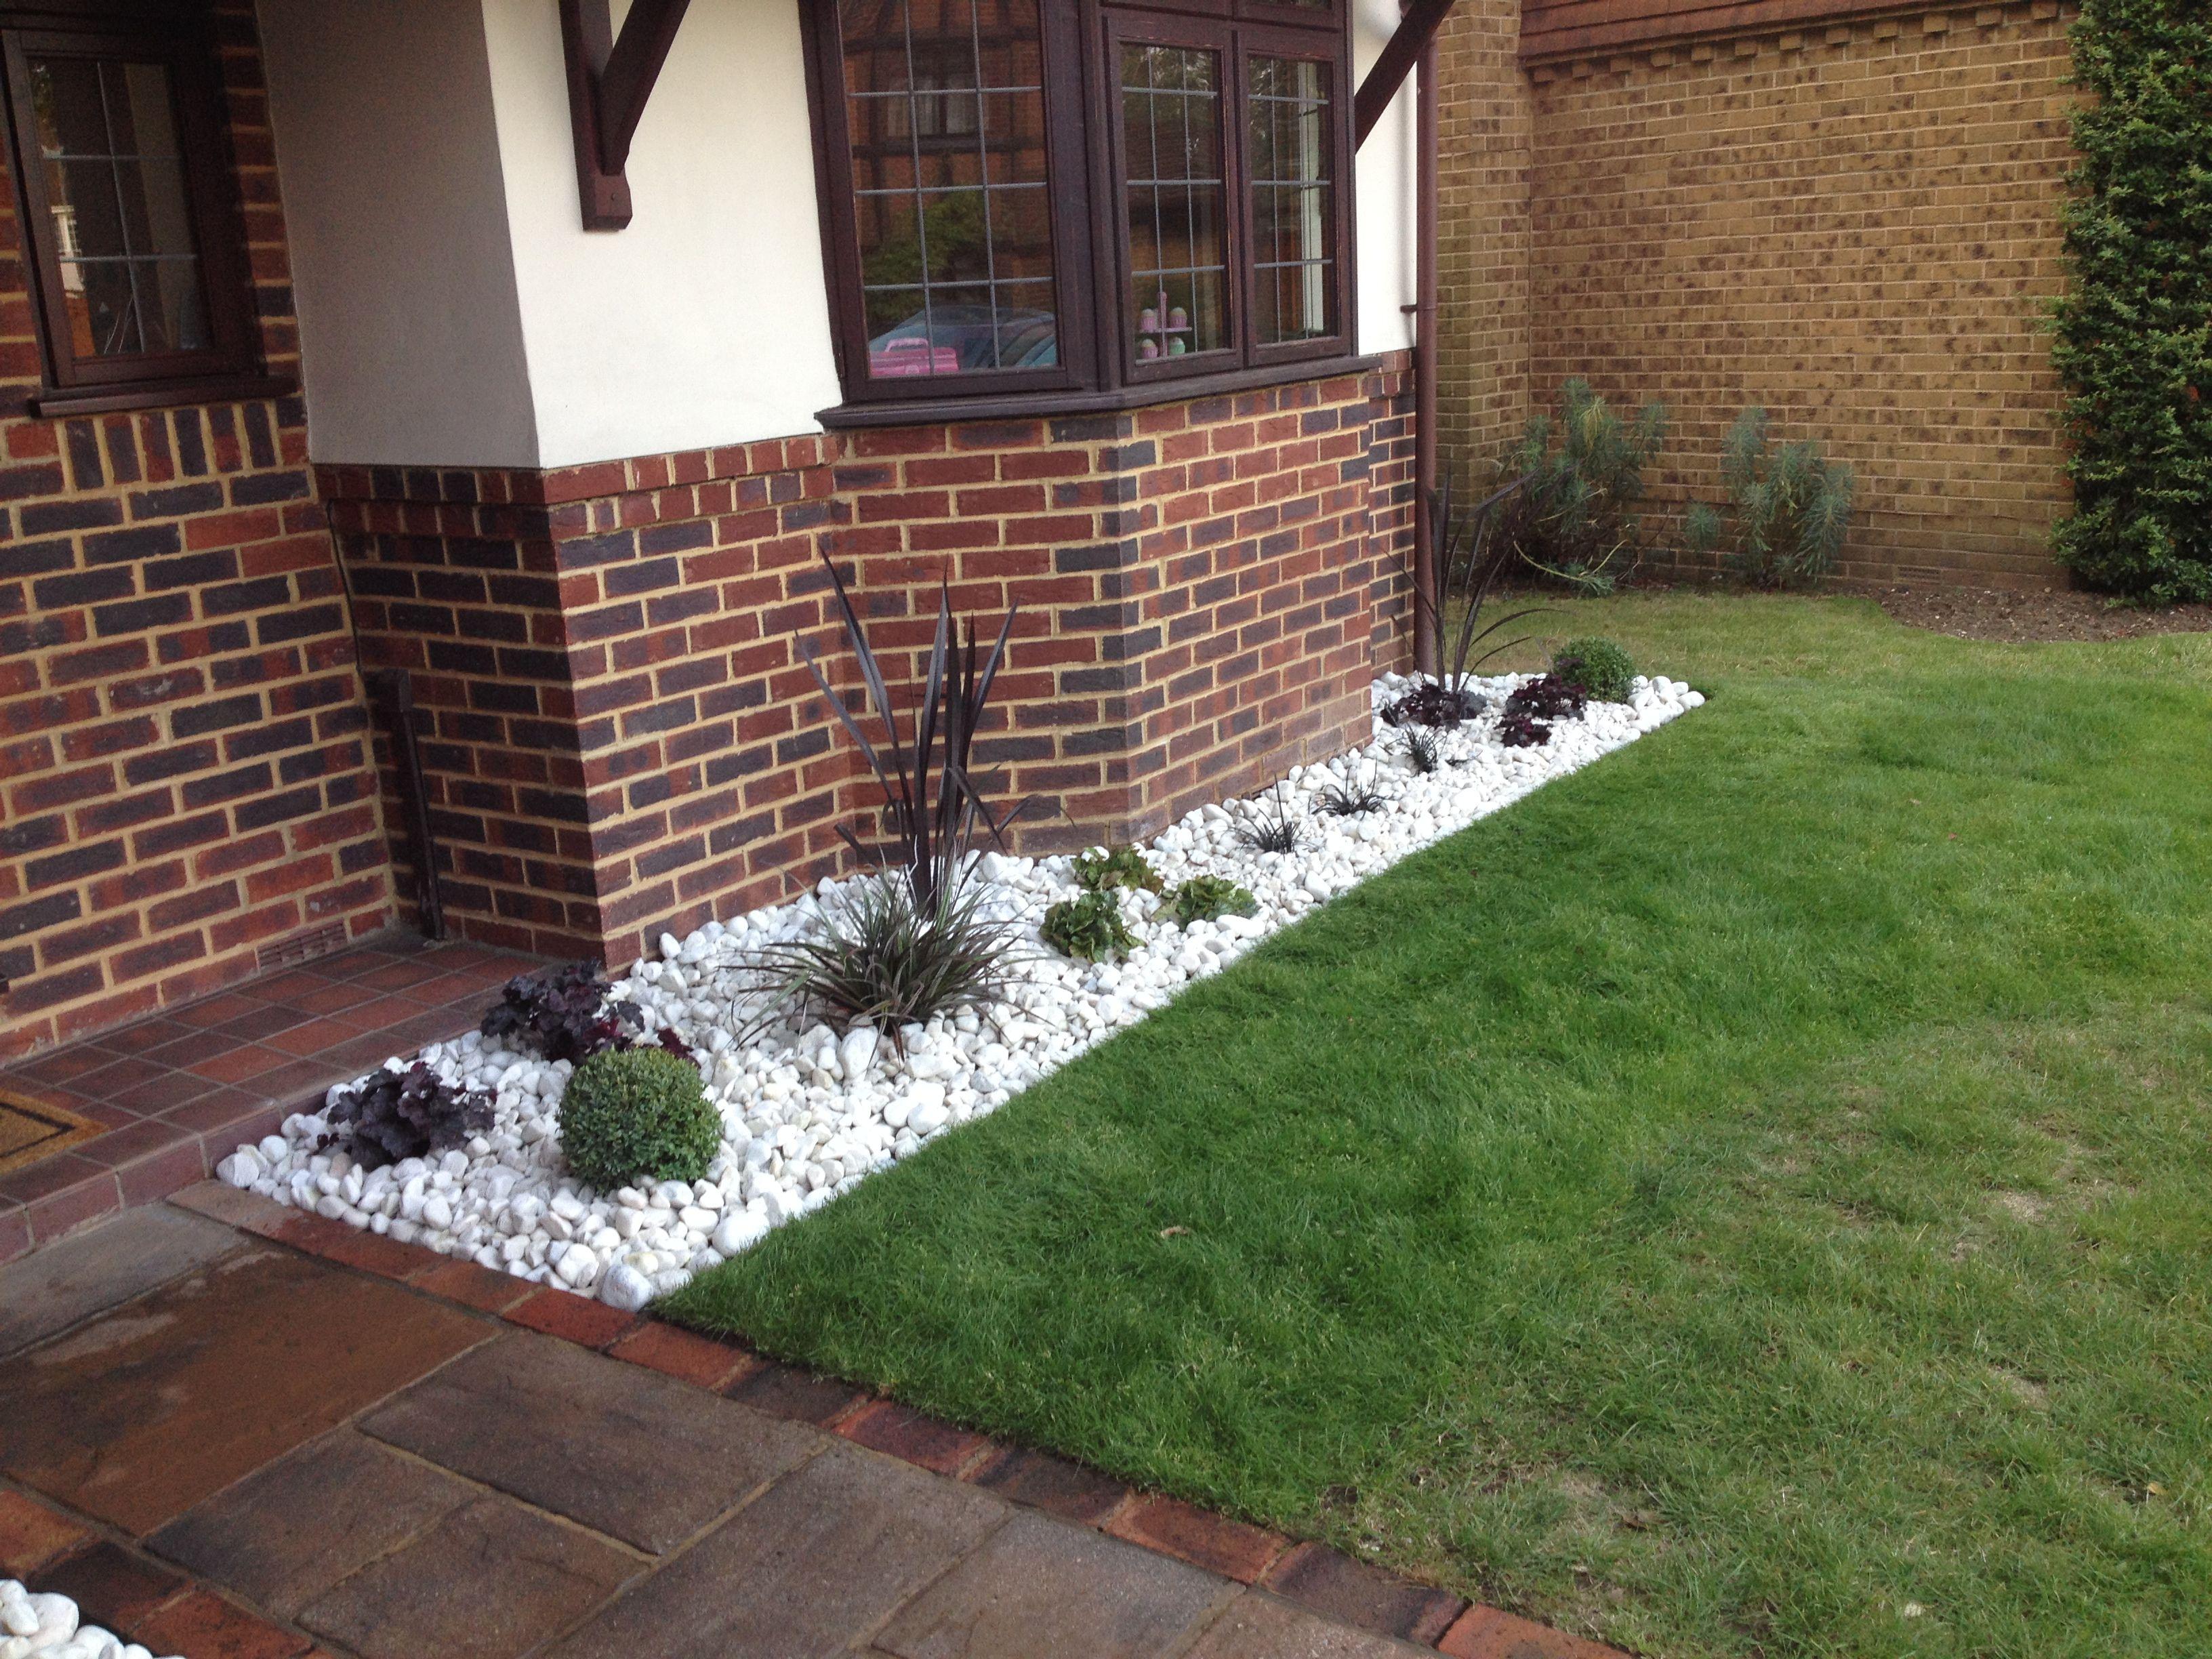 Modern, Low Maintenance Border Design For Front Garden In Chislehurst.